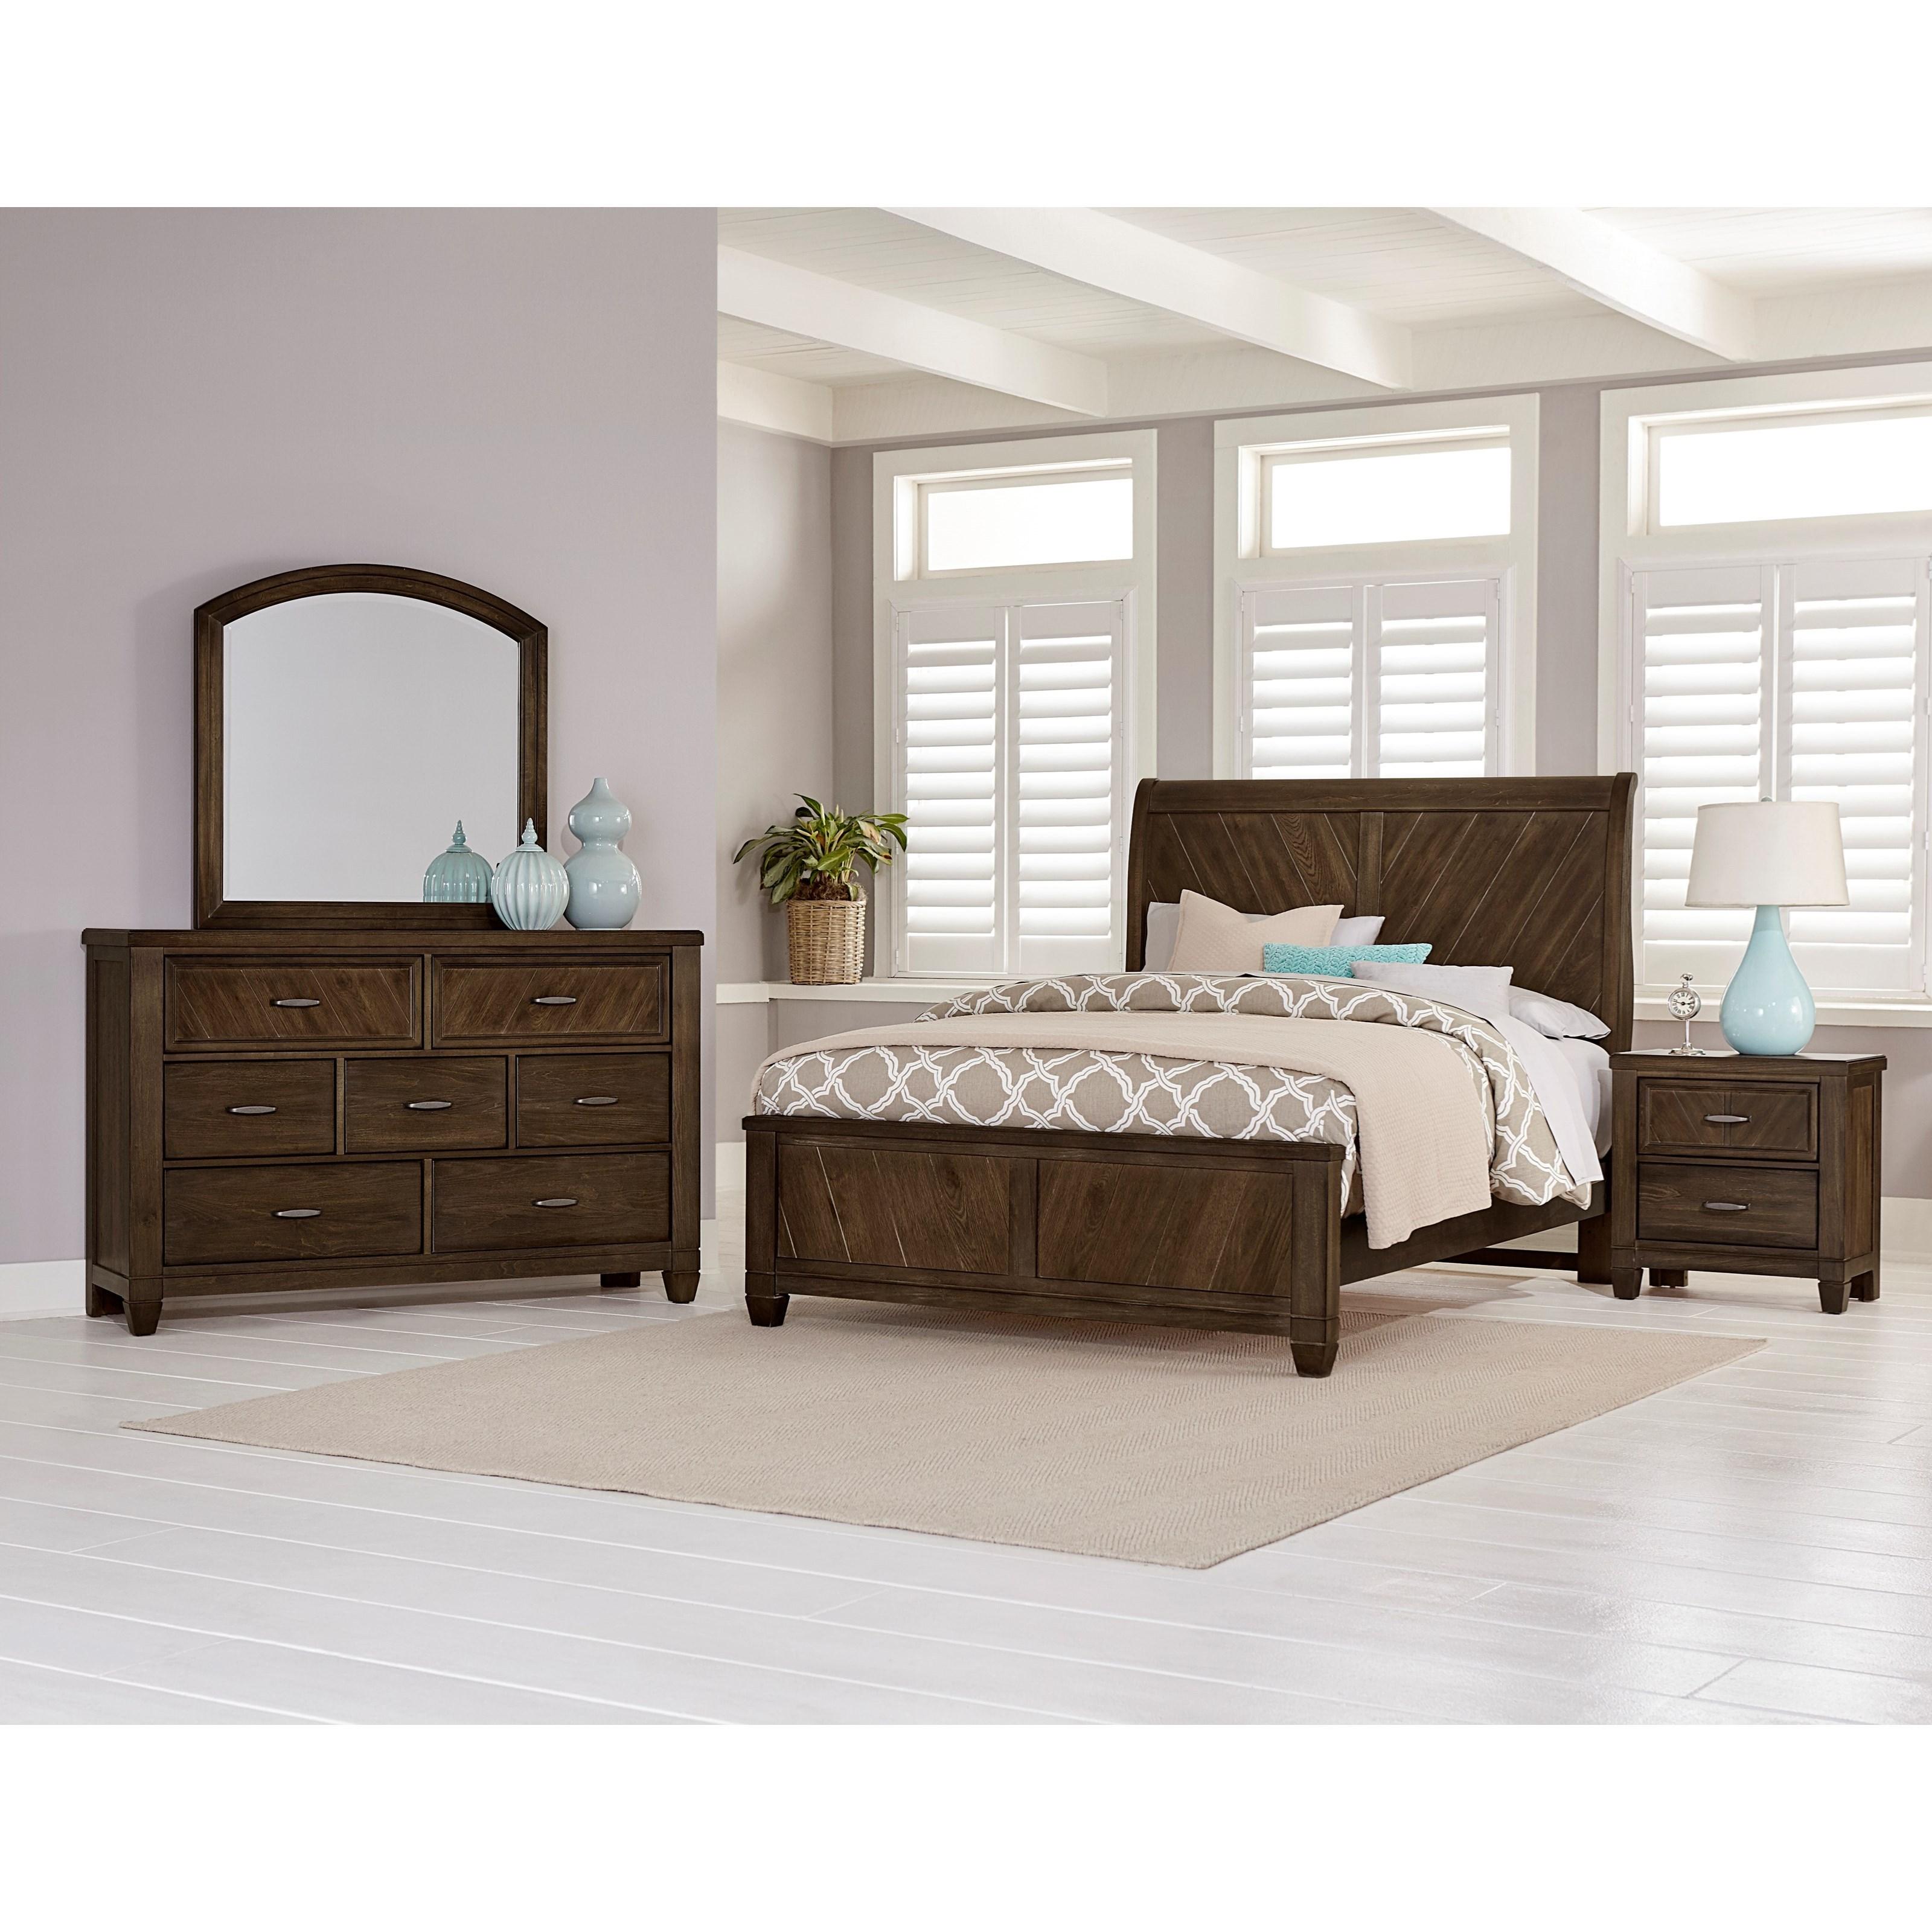 Vaughan Bassett Rustic Cottage Queen Bedroom Group   Item Number: 640 Q  Bedroom Group 3